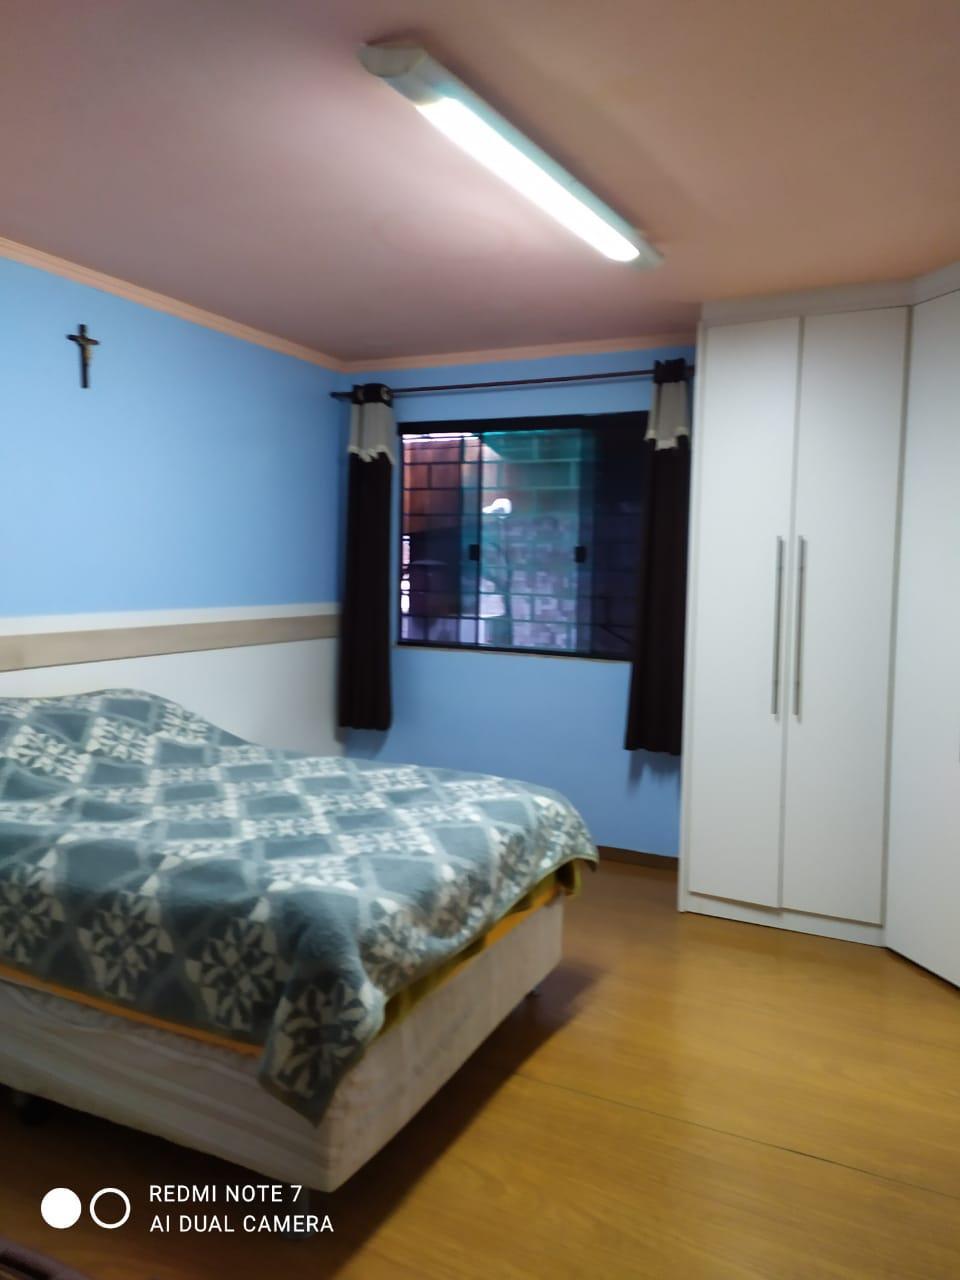 Residência para alugar no centro, próximo da Prefeitura de Quitandinha.